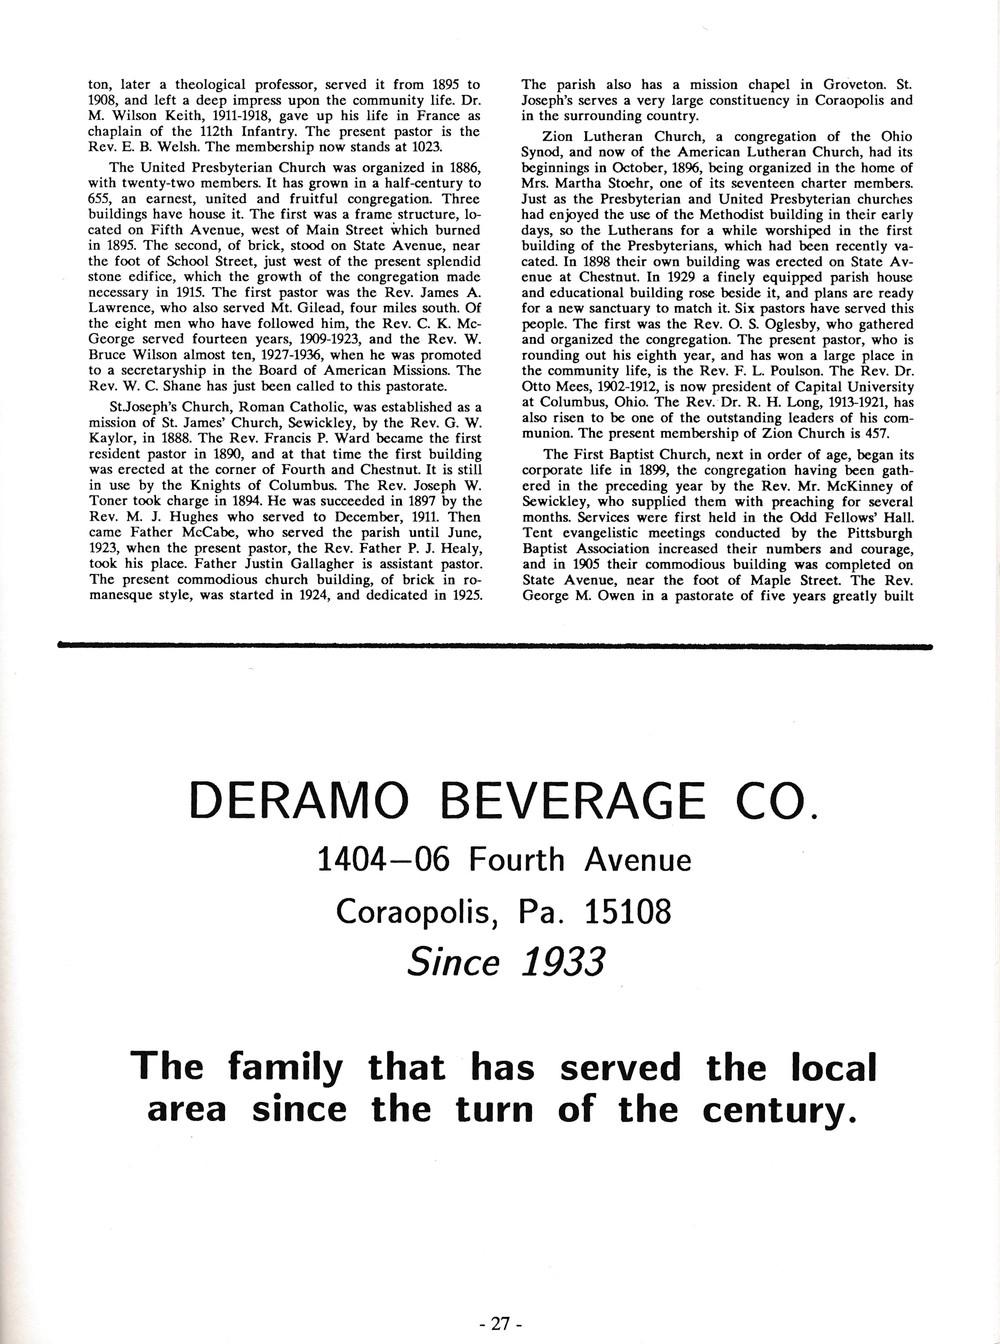 Coraopolis Centennial Booklet (29).jpg